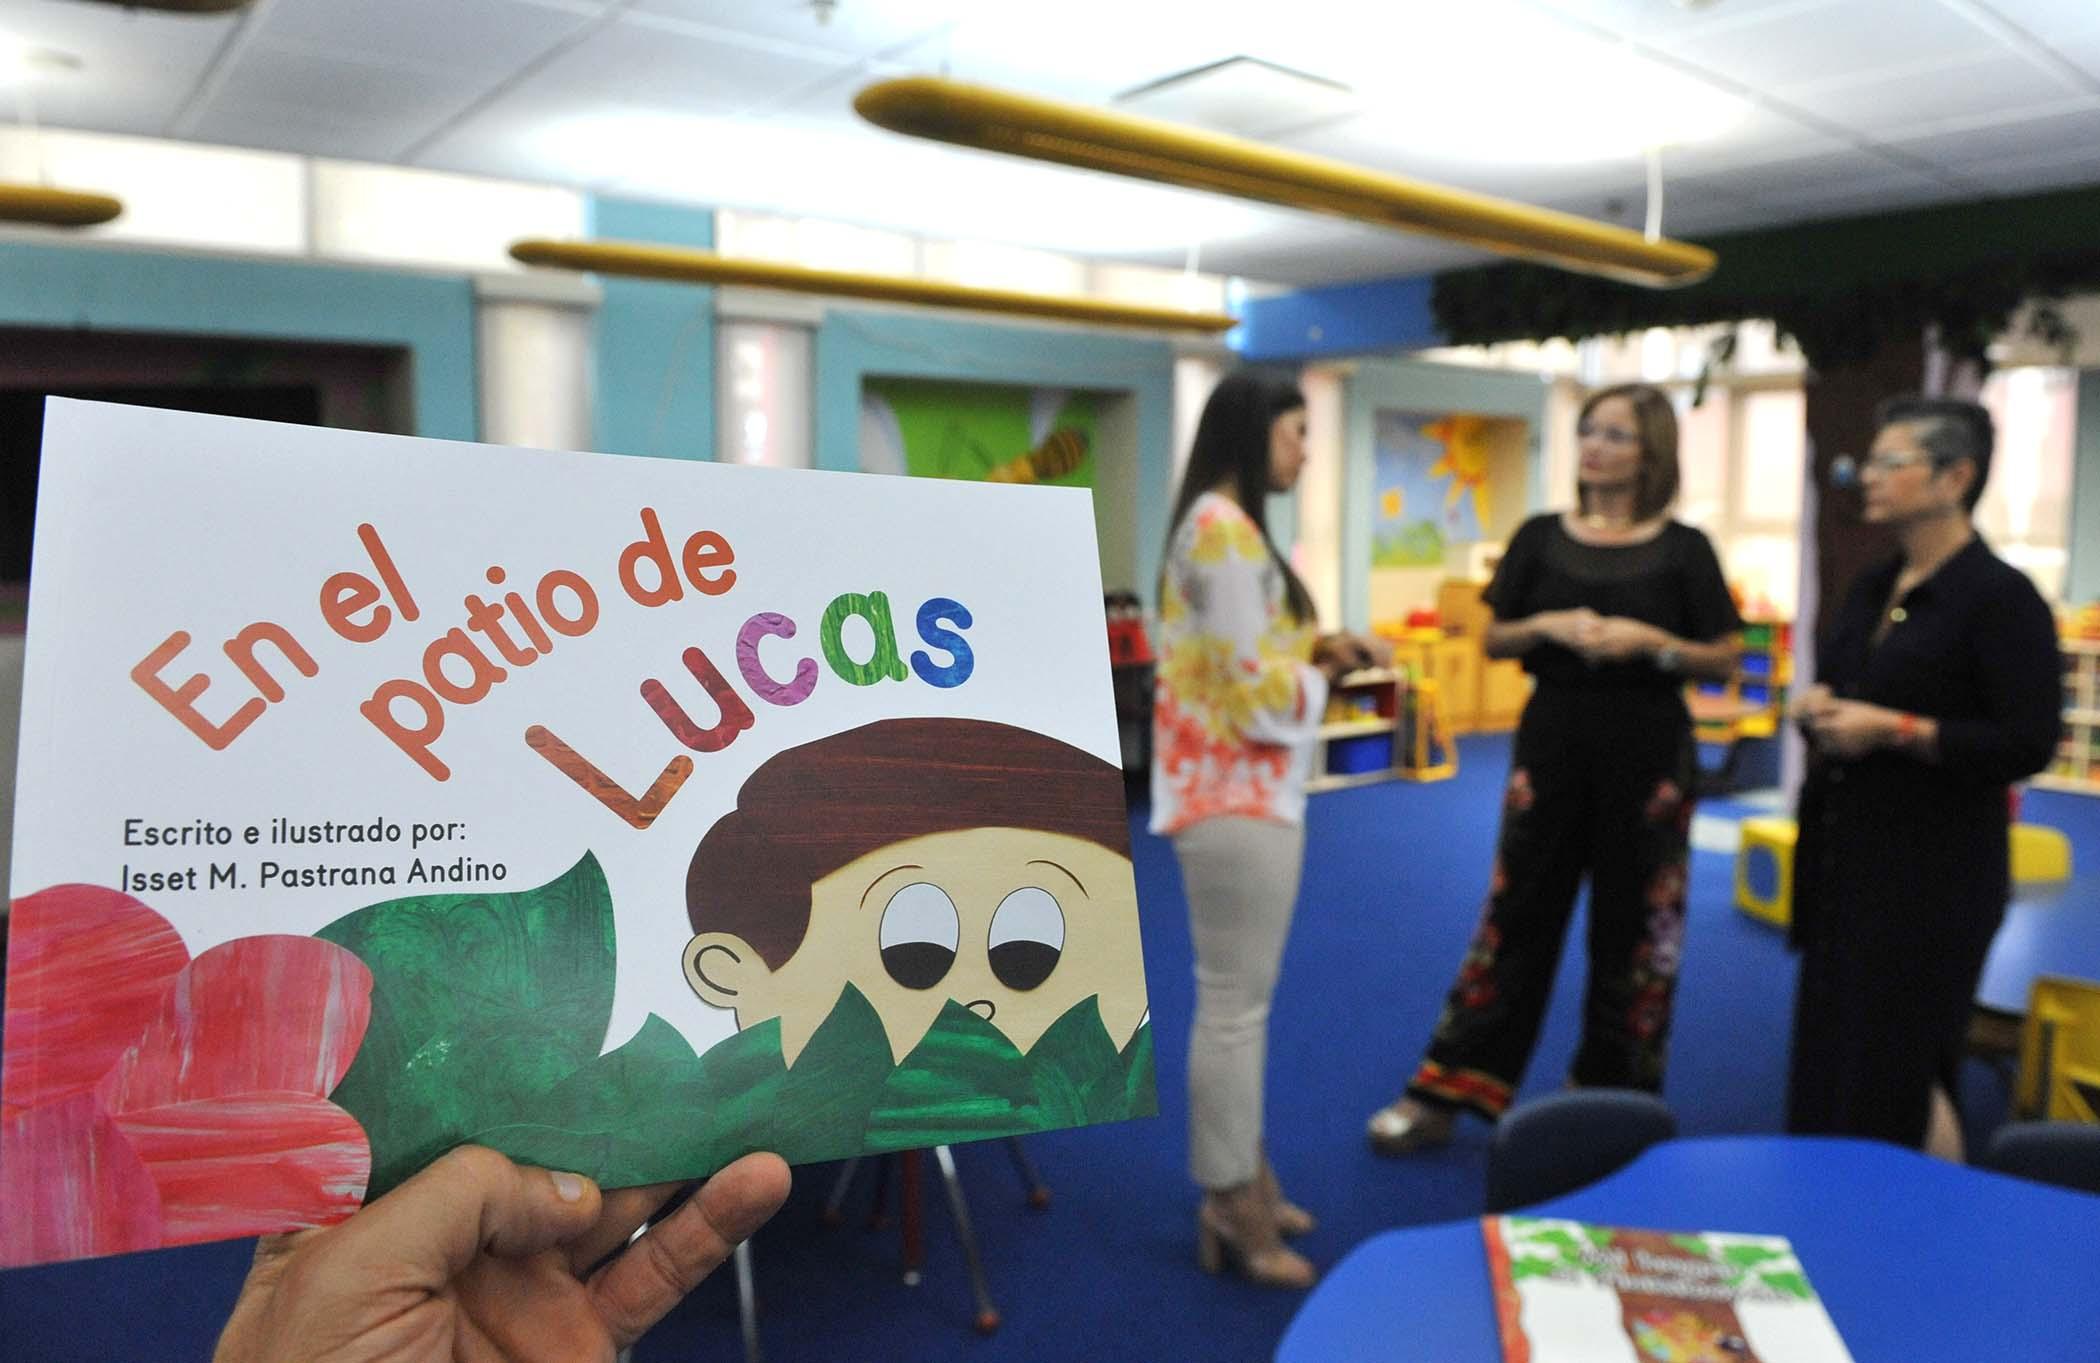 Isset Pastrana Andino en Biblioteca Municipal con su libro